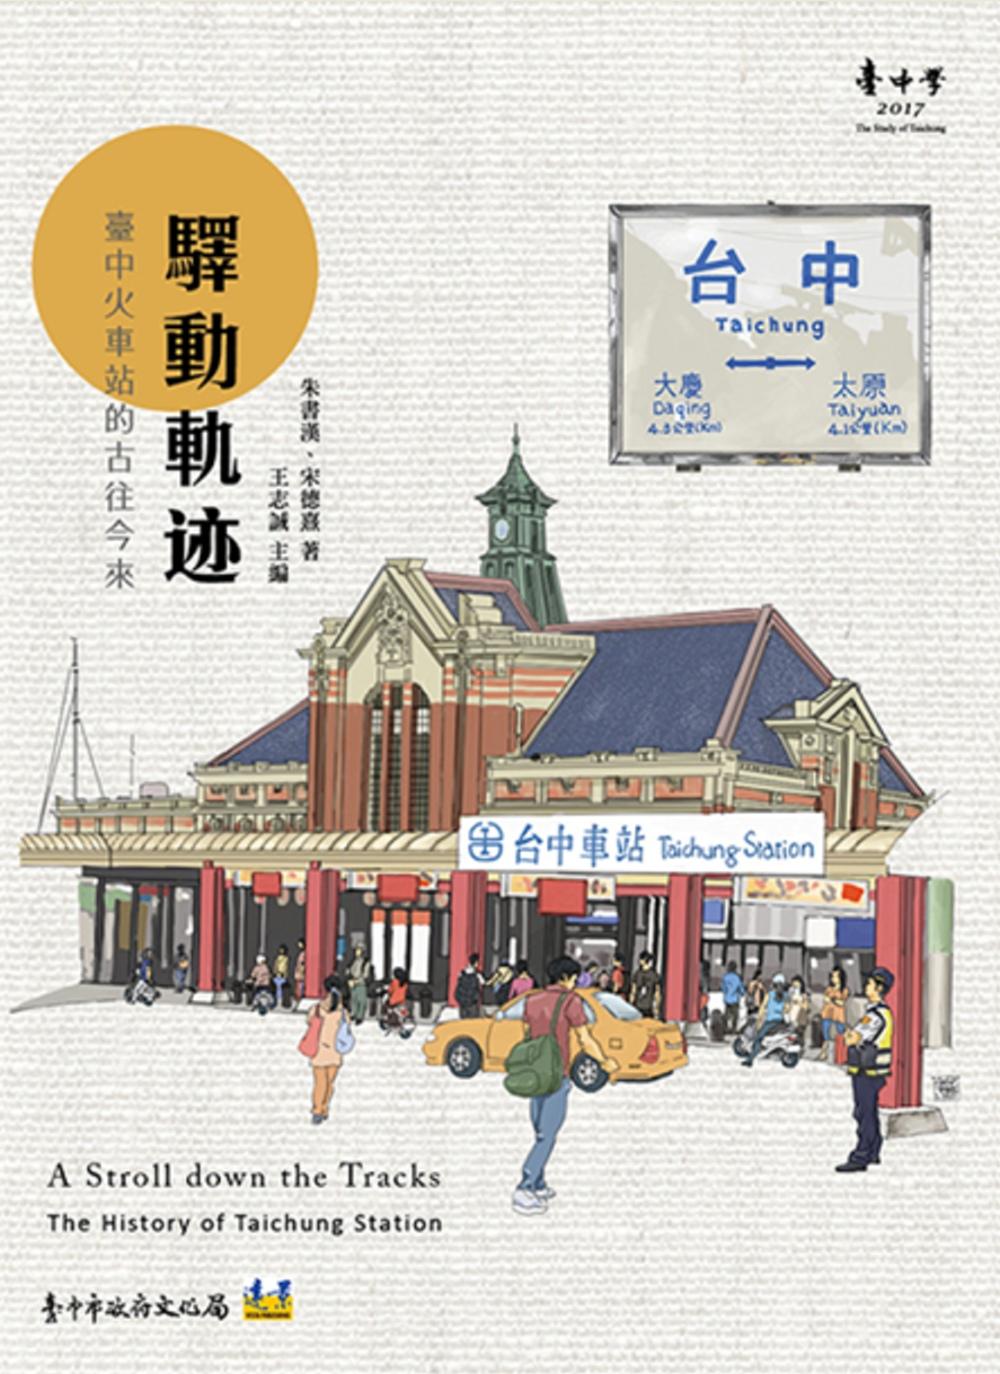 《驿动轨迹:台中火车站的古往今来》 商品条码,ISBN:9789860537550